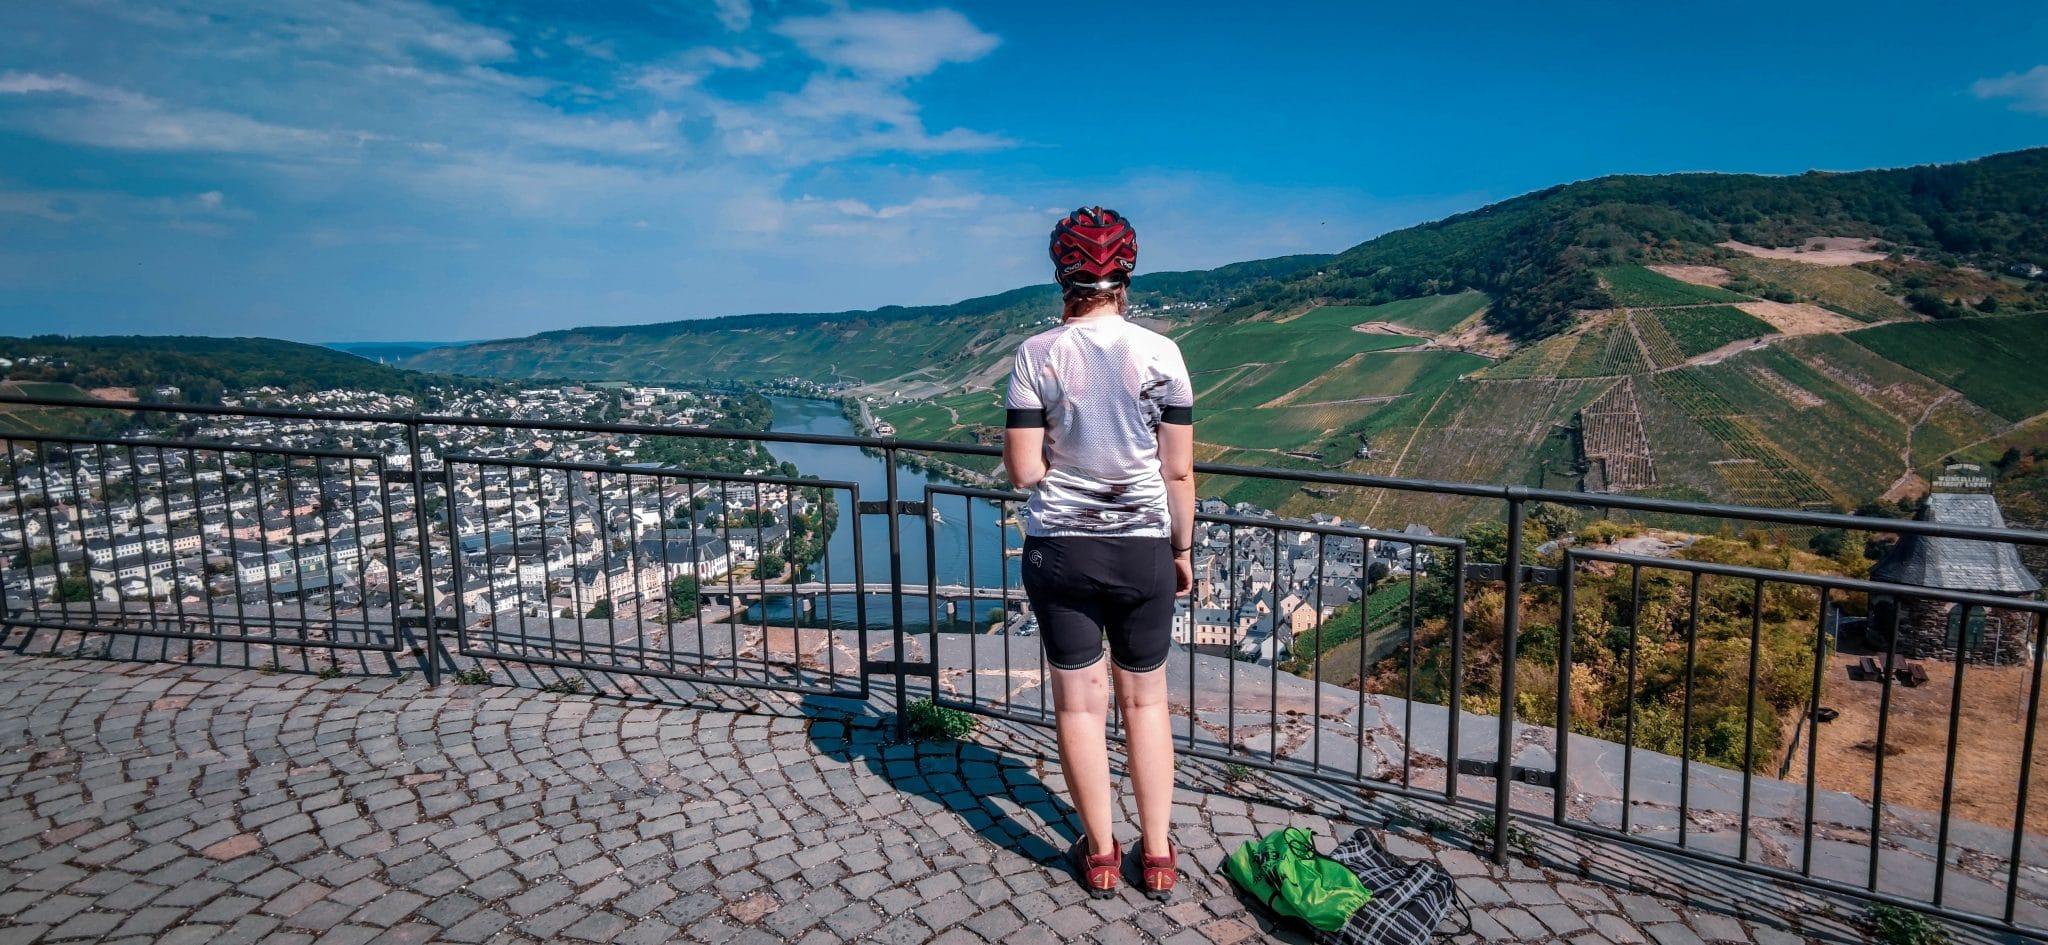 Fahrradurlaub an der Mosel - meine Erfahrungen mit dem Mountainbike